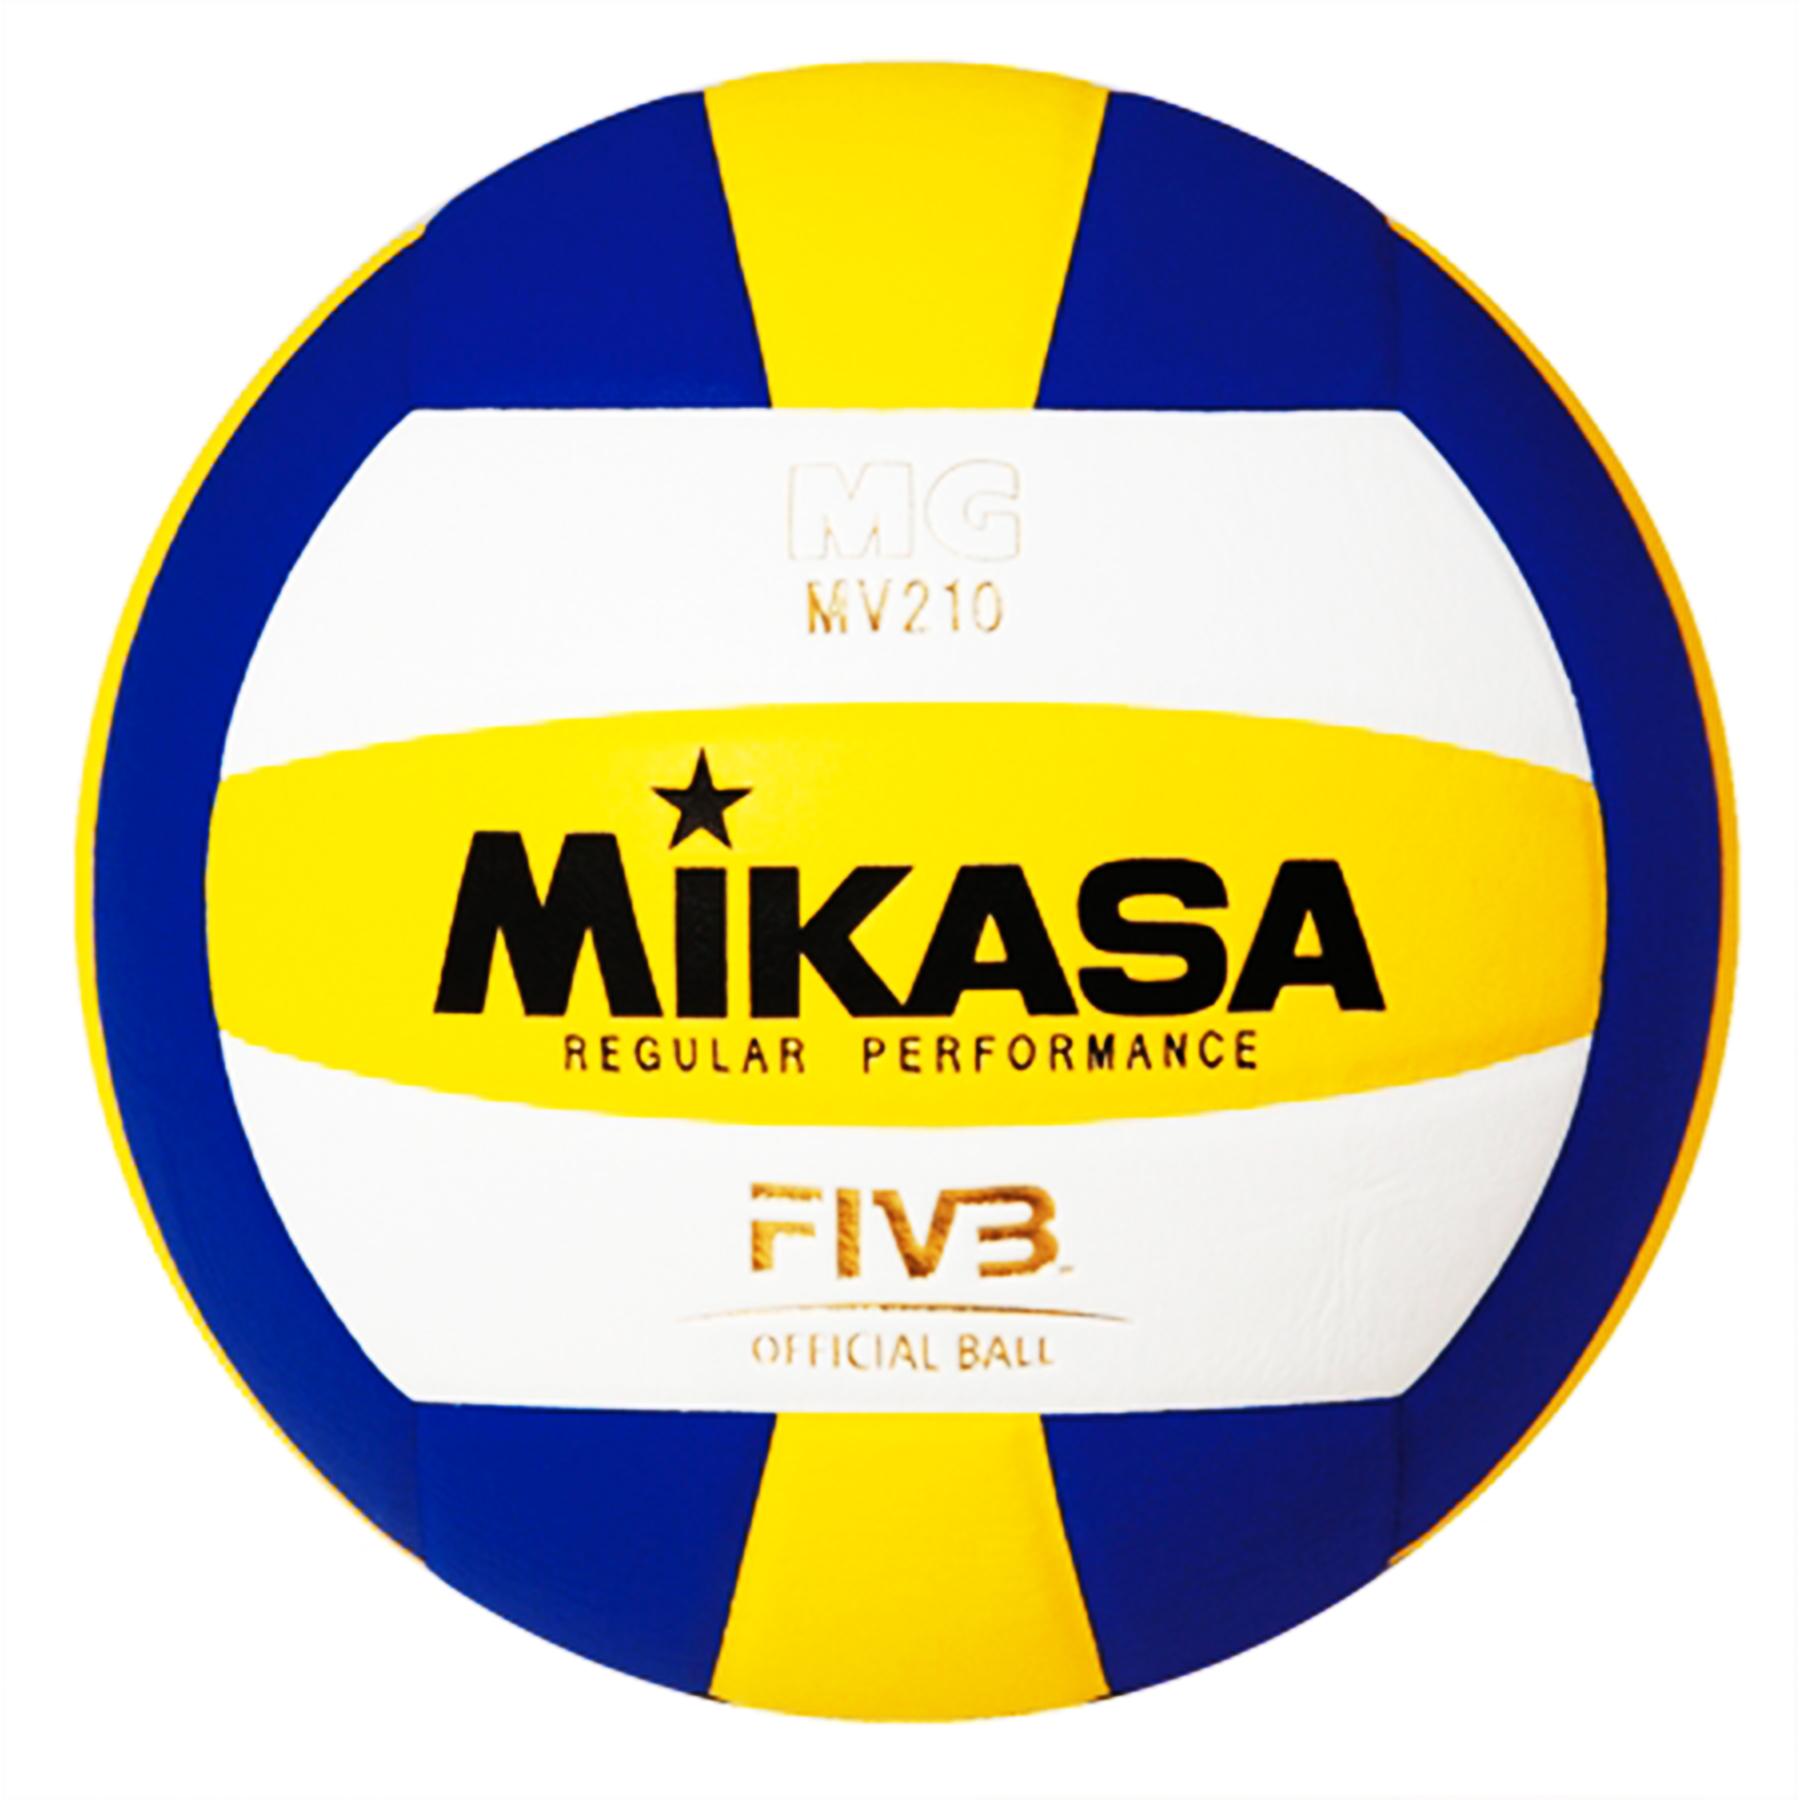 Мяч в/б Микаса MV 210 для тренировок, клееный, япон.синт.кожа